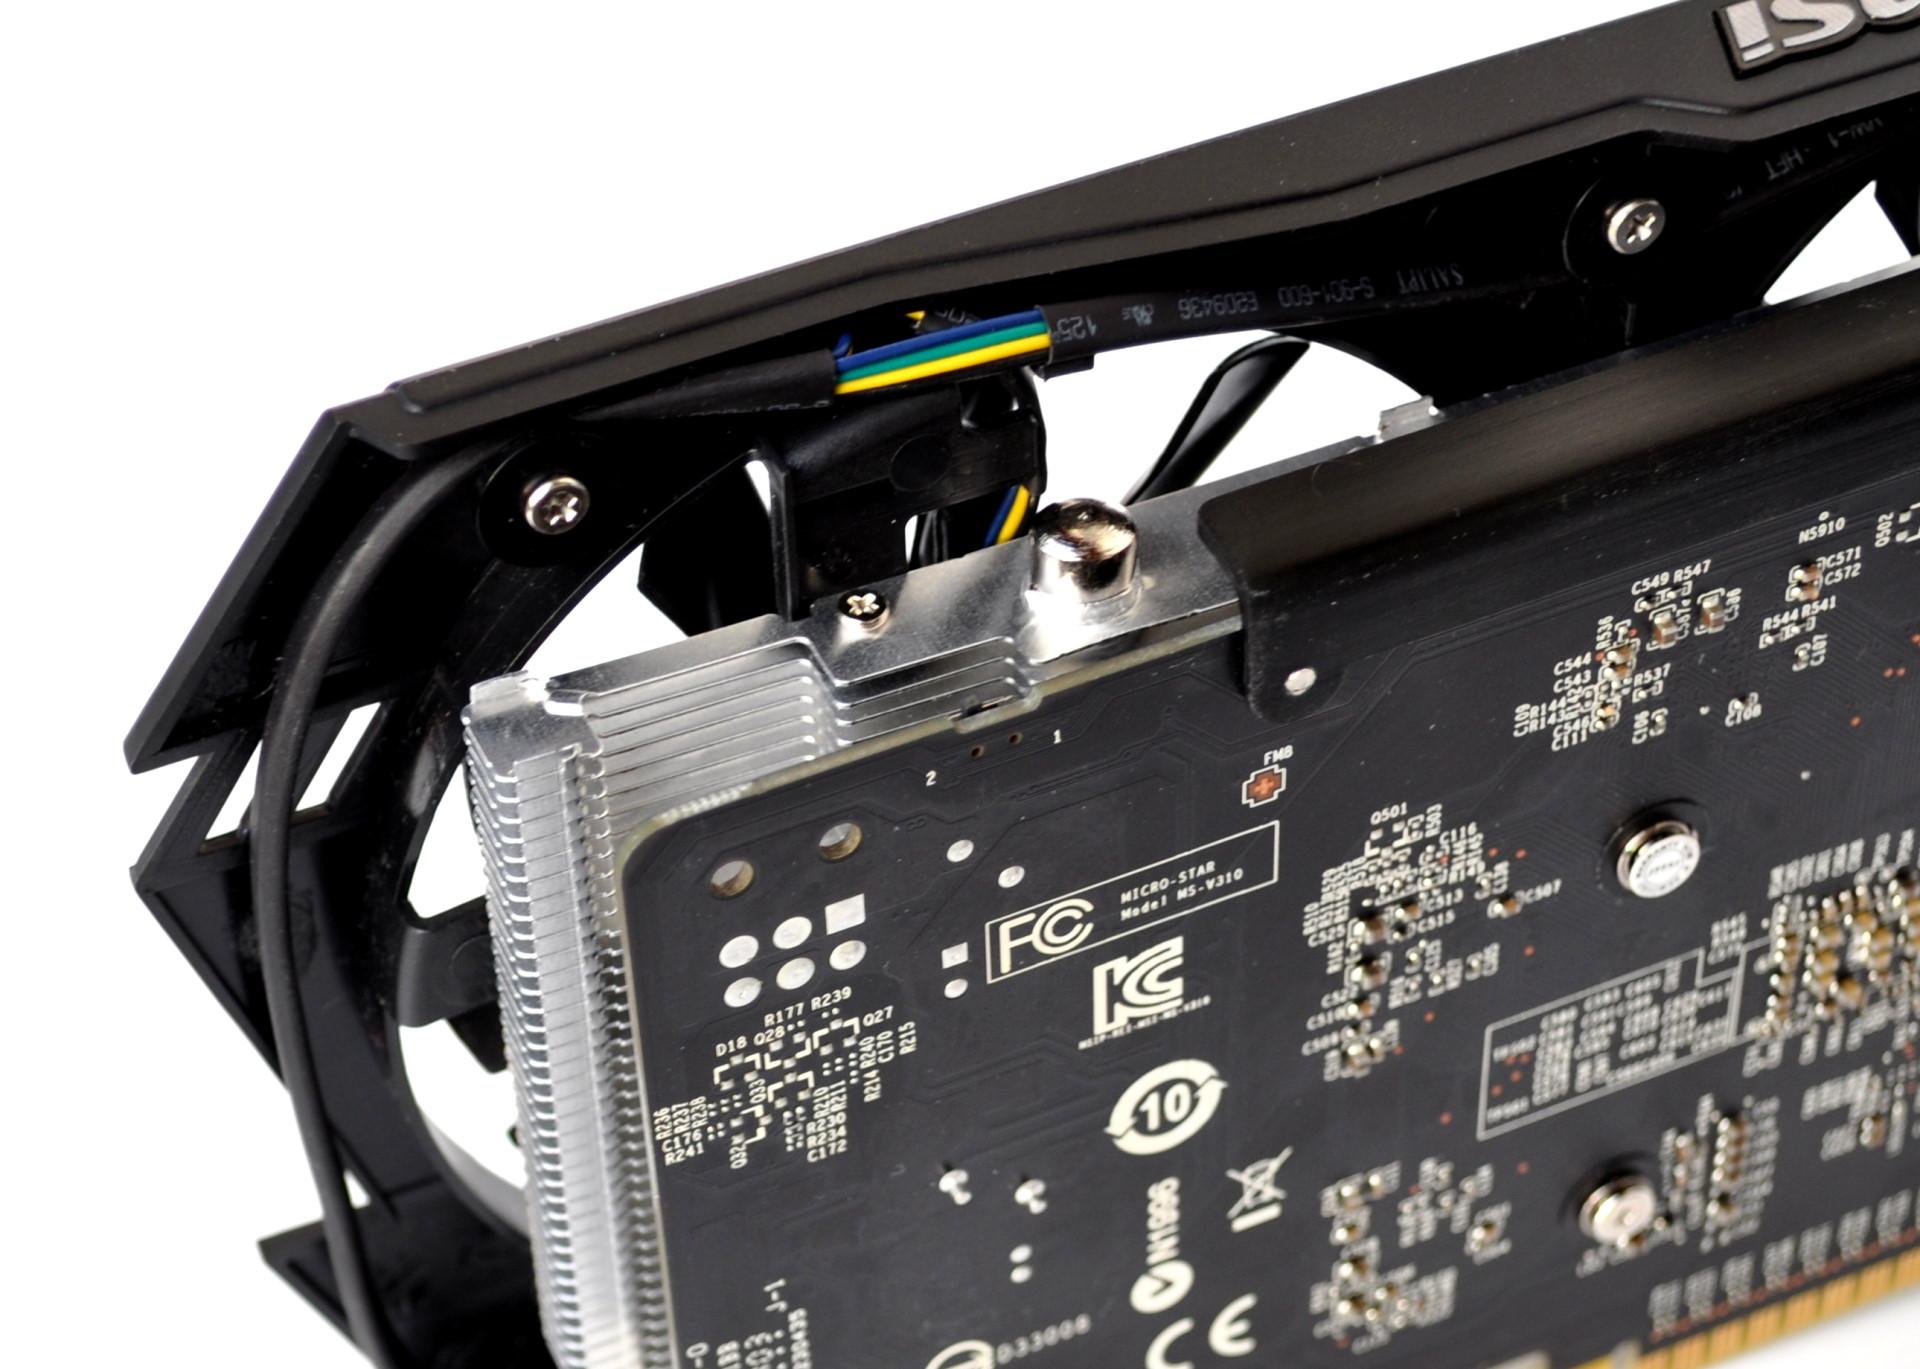 Nvidia Geforce Gtx 750 Und Ti Im Test Msi 2gb Twin Frozr Gaming Auch Bei Der Karte Gibt Es Zu Den Blichen Dvi D Anschlssen Mit Dual Link Mini Hdmi Anschluss Die Anordnung Anschlsse Ist Identisch